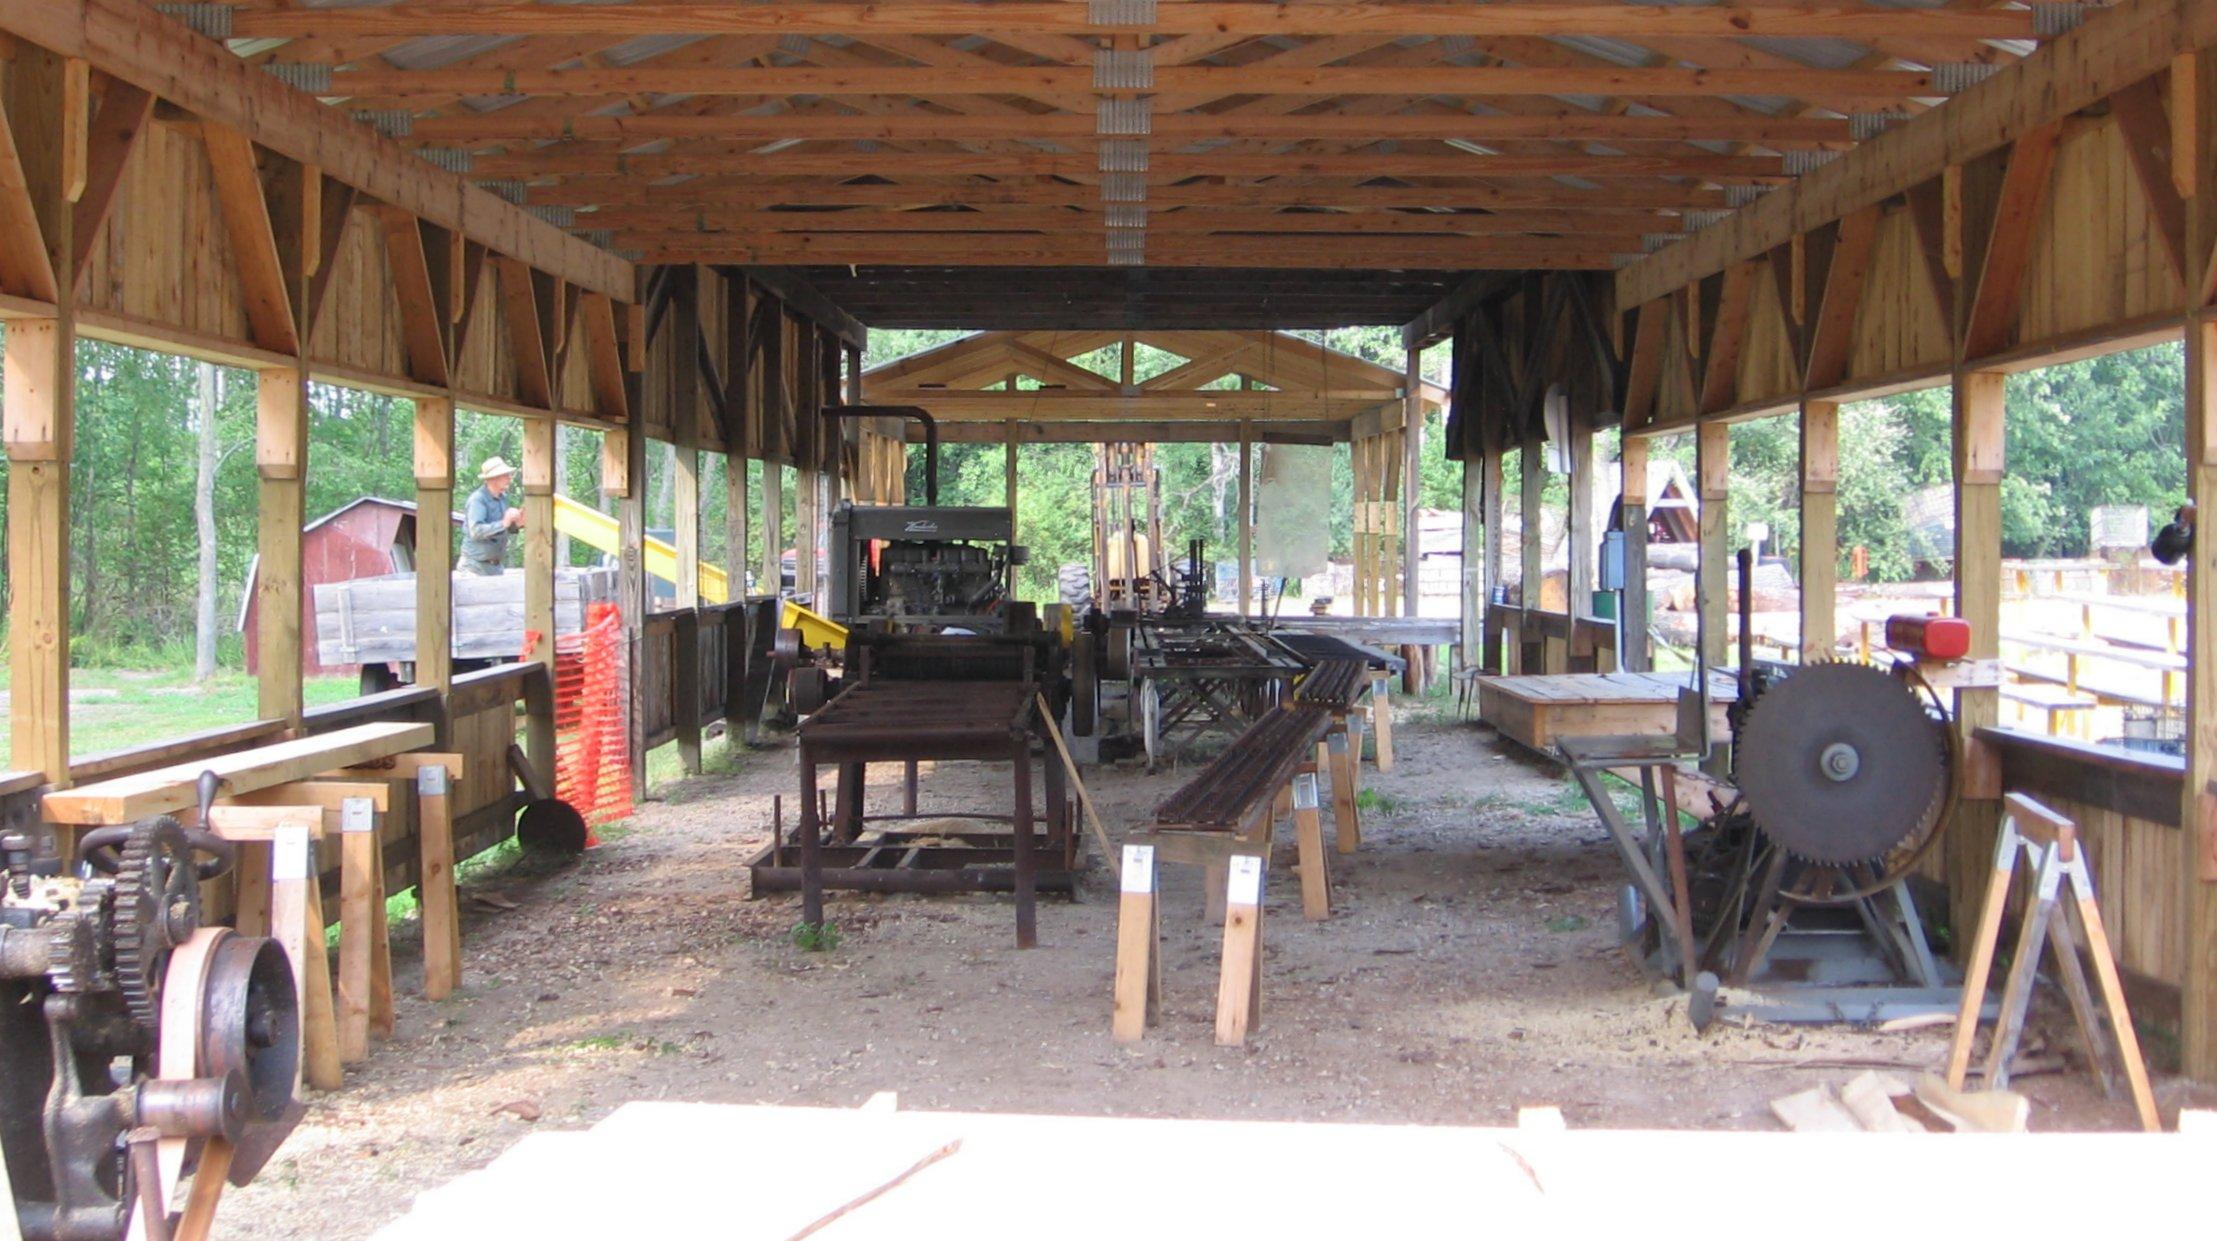 Sawmill Inside